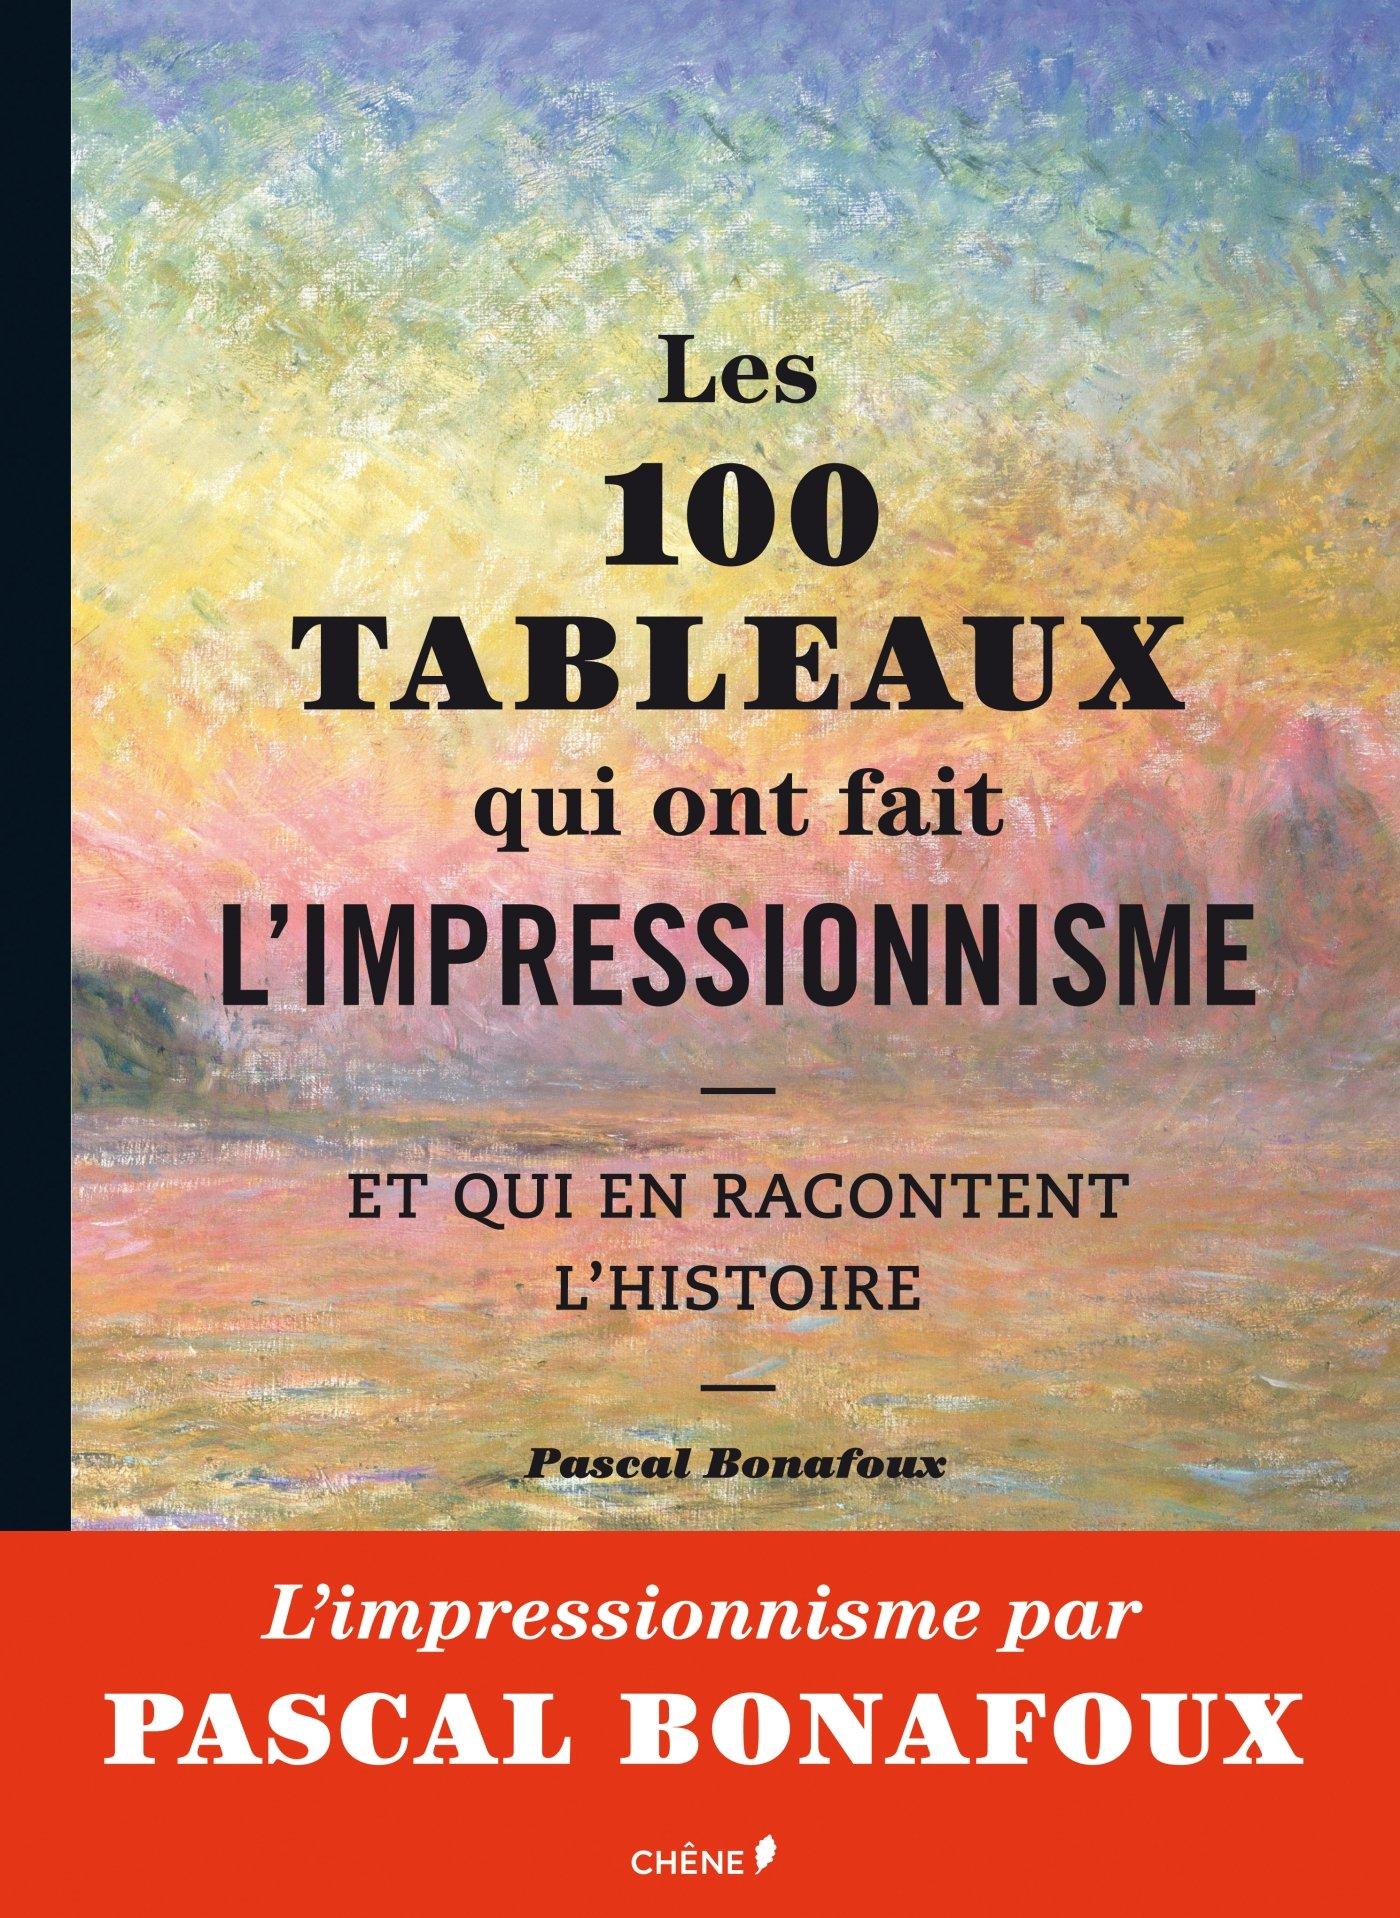 Amazon.fr - Les 100 tableaux qui ont fait l'impressionnisme - Pascal  Bonafoux - Livres